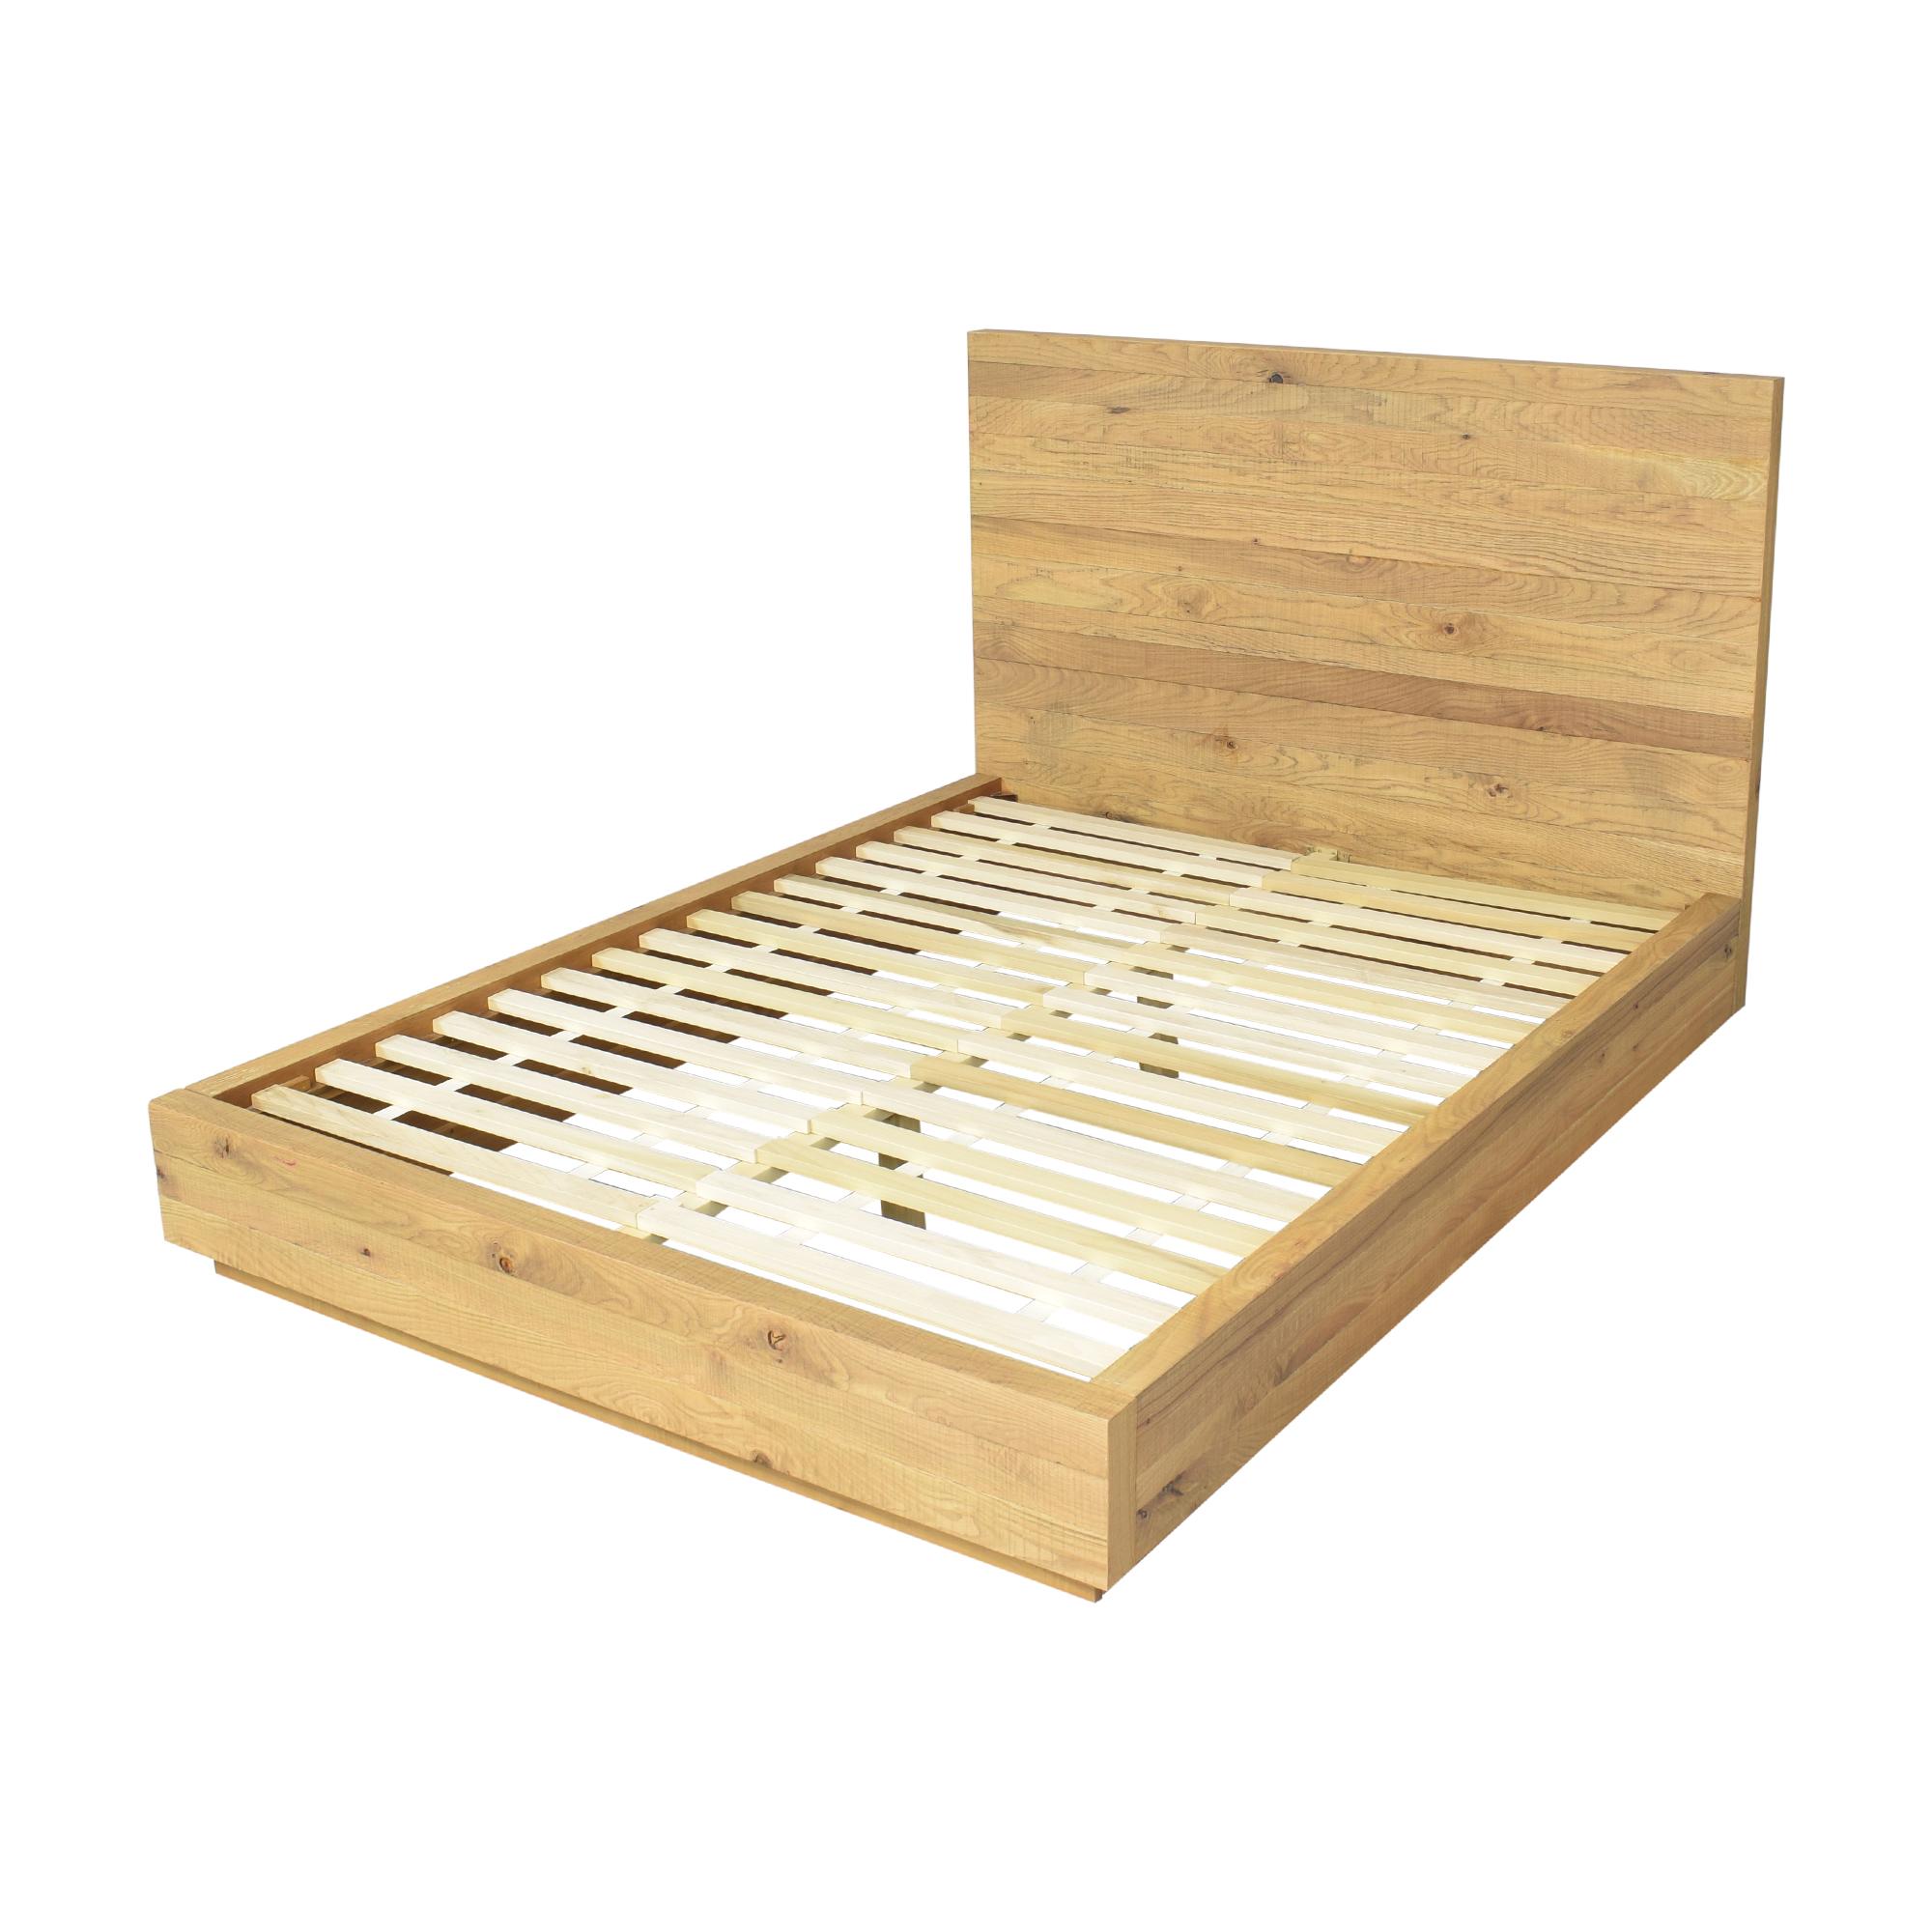 Crate & Barrel Cas Queen Bed sale